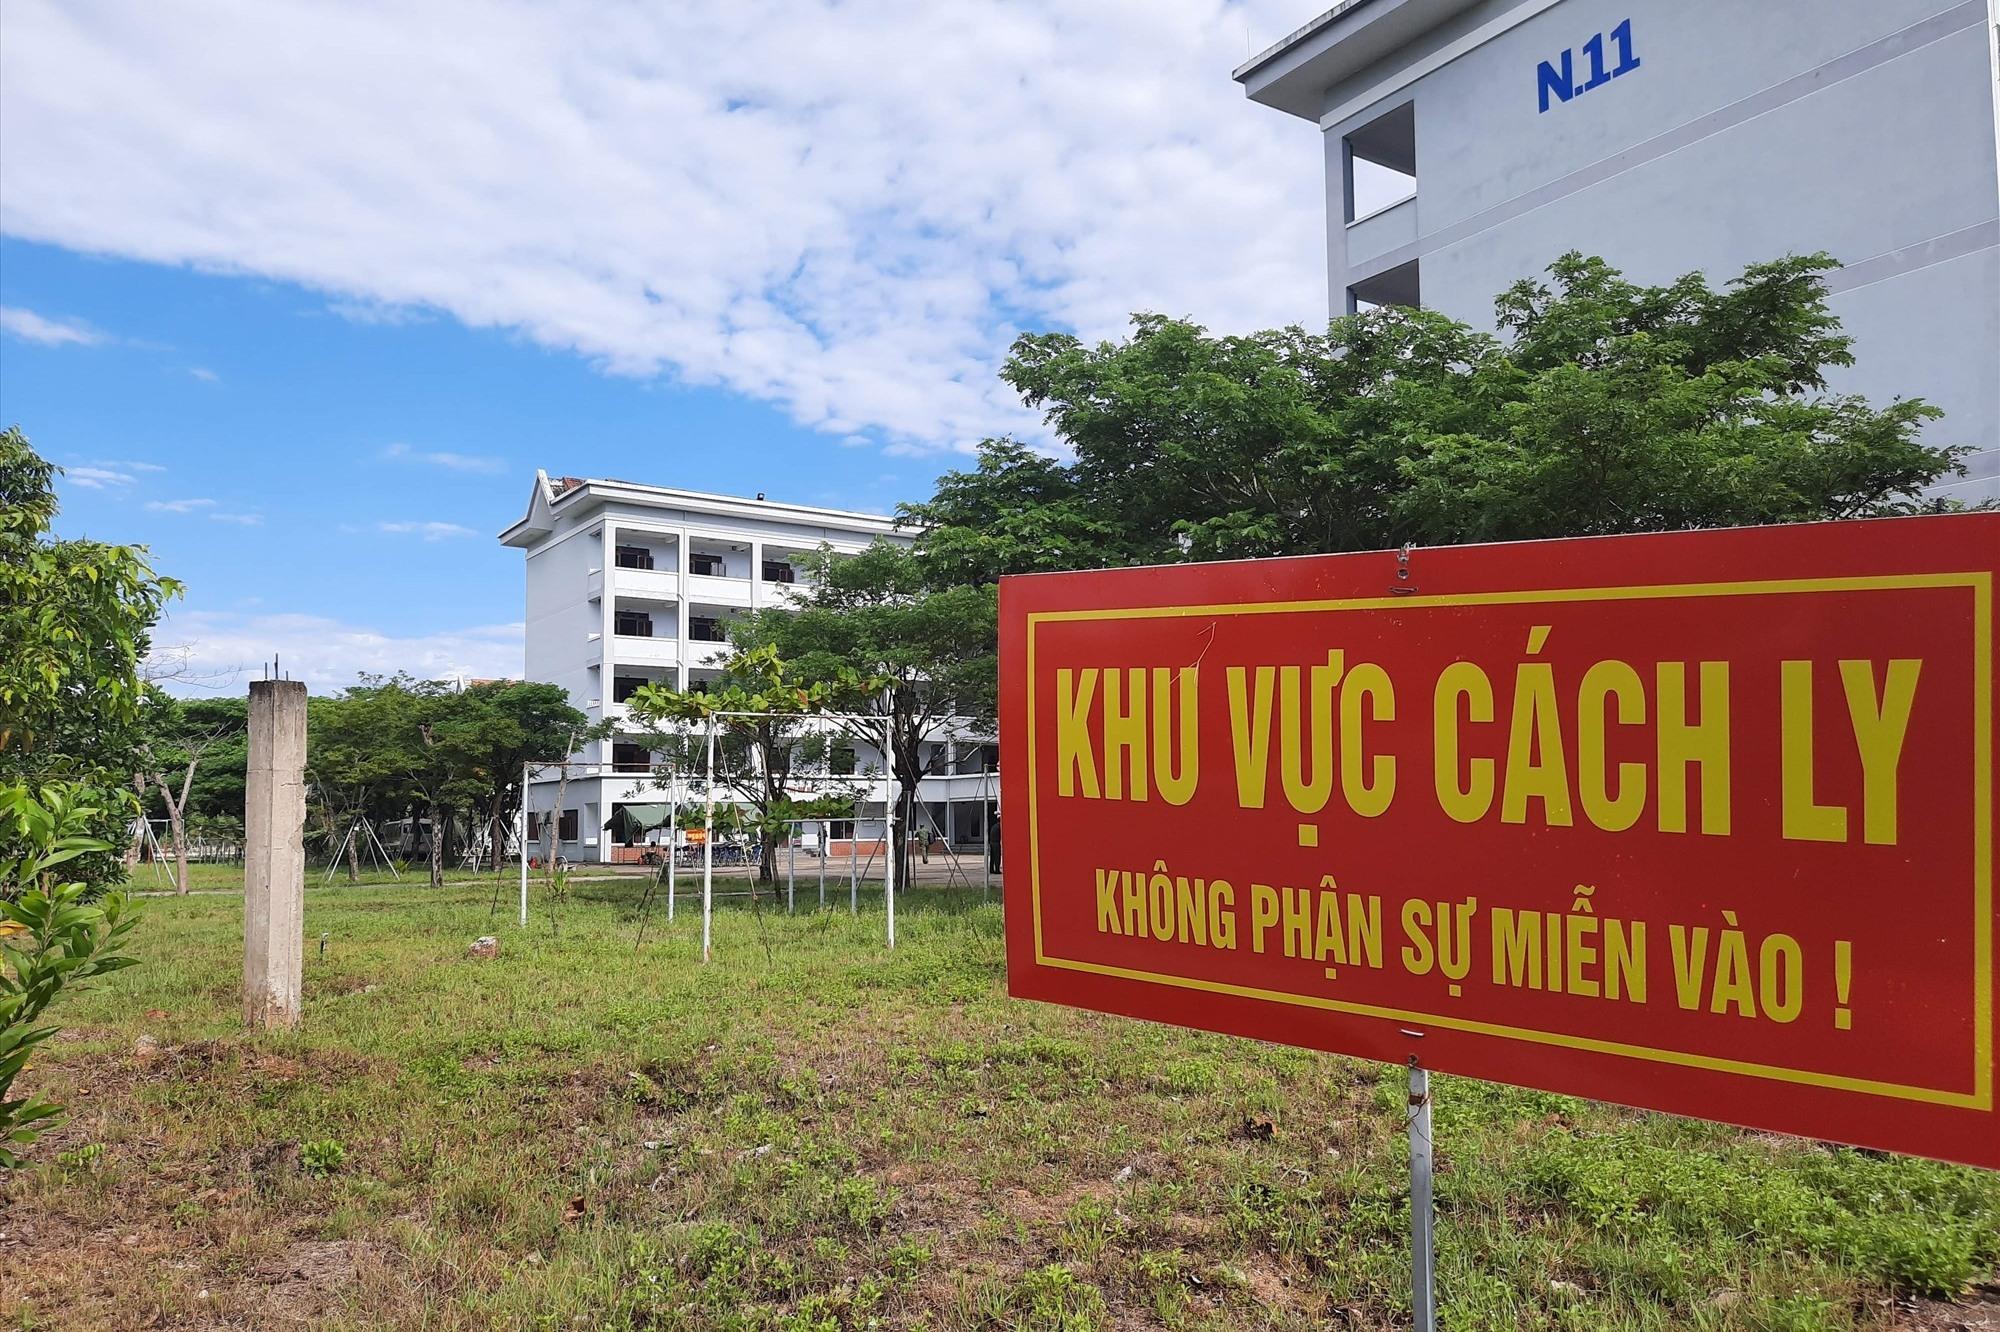 Khu cách ly tập trung tại Trường Cảnh sát Nhân dân 5, đóng tại xã Bình Phục, Thăng Bình.